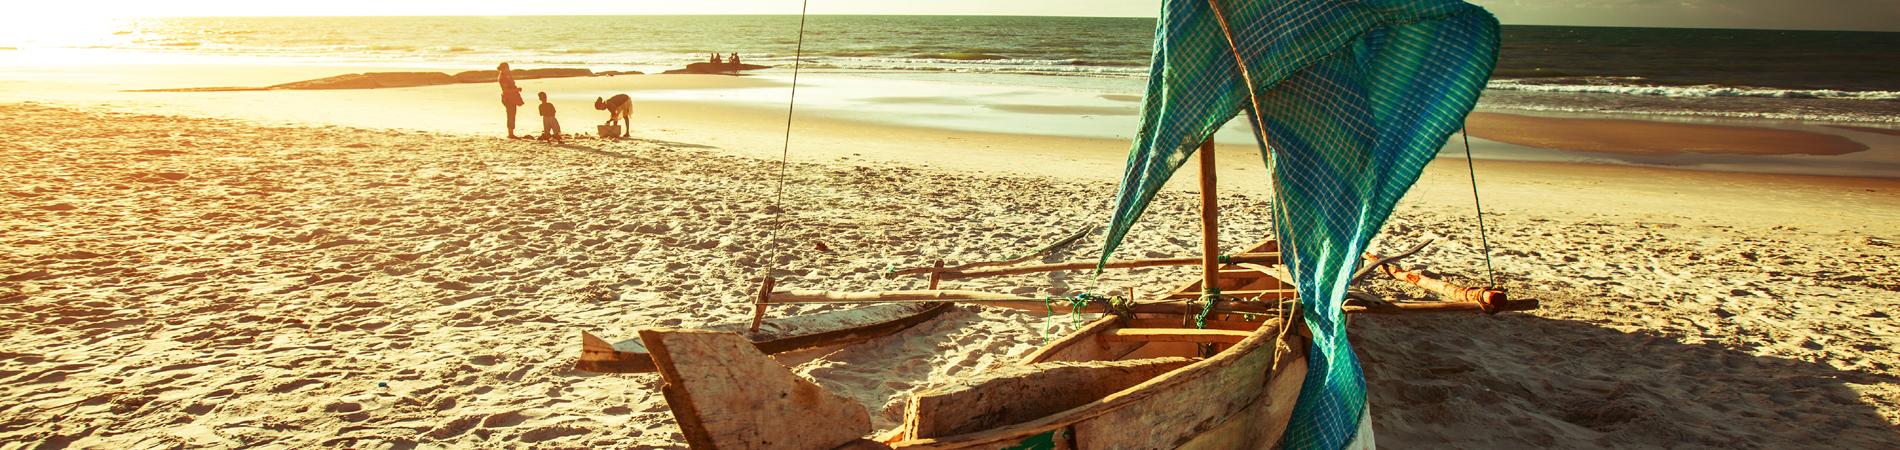 shutterstock_moz beach africa